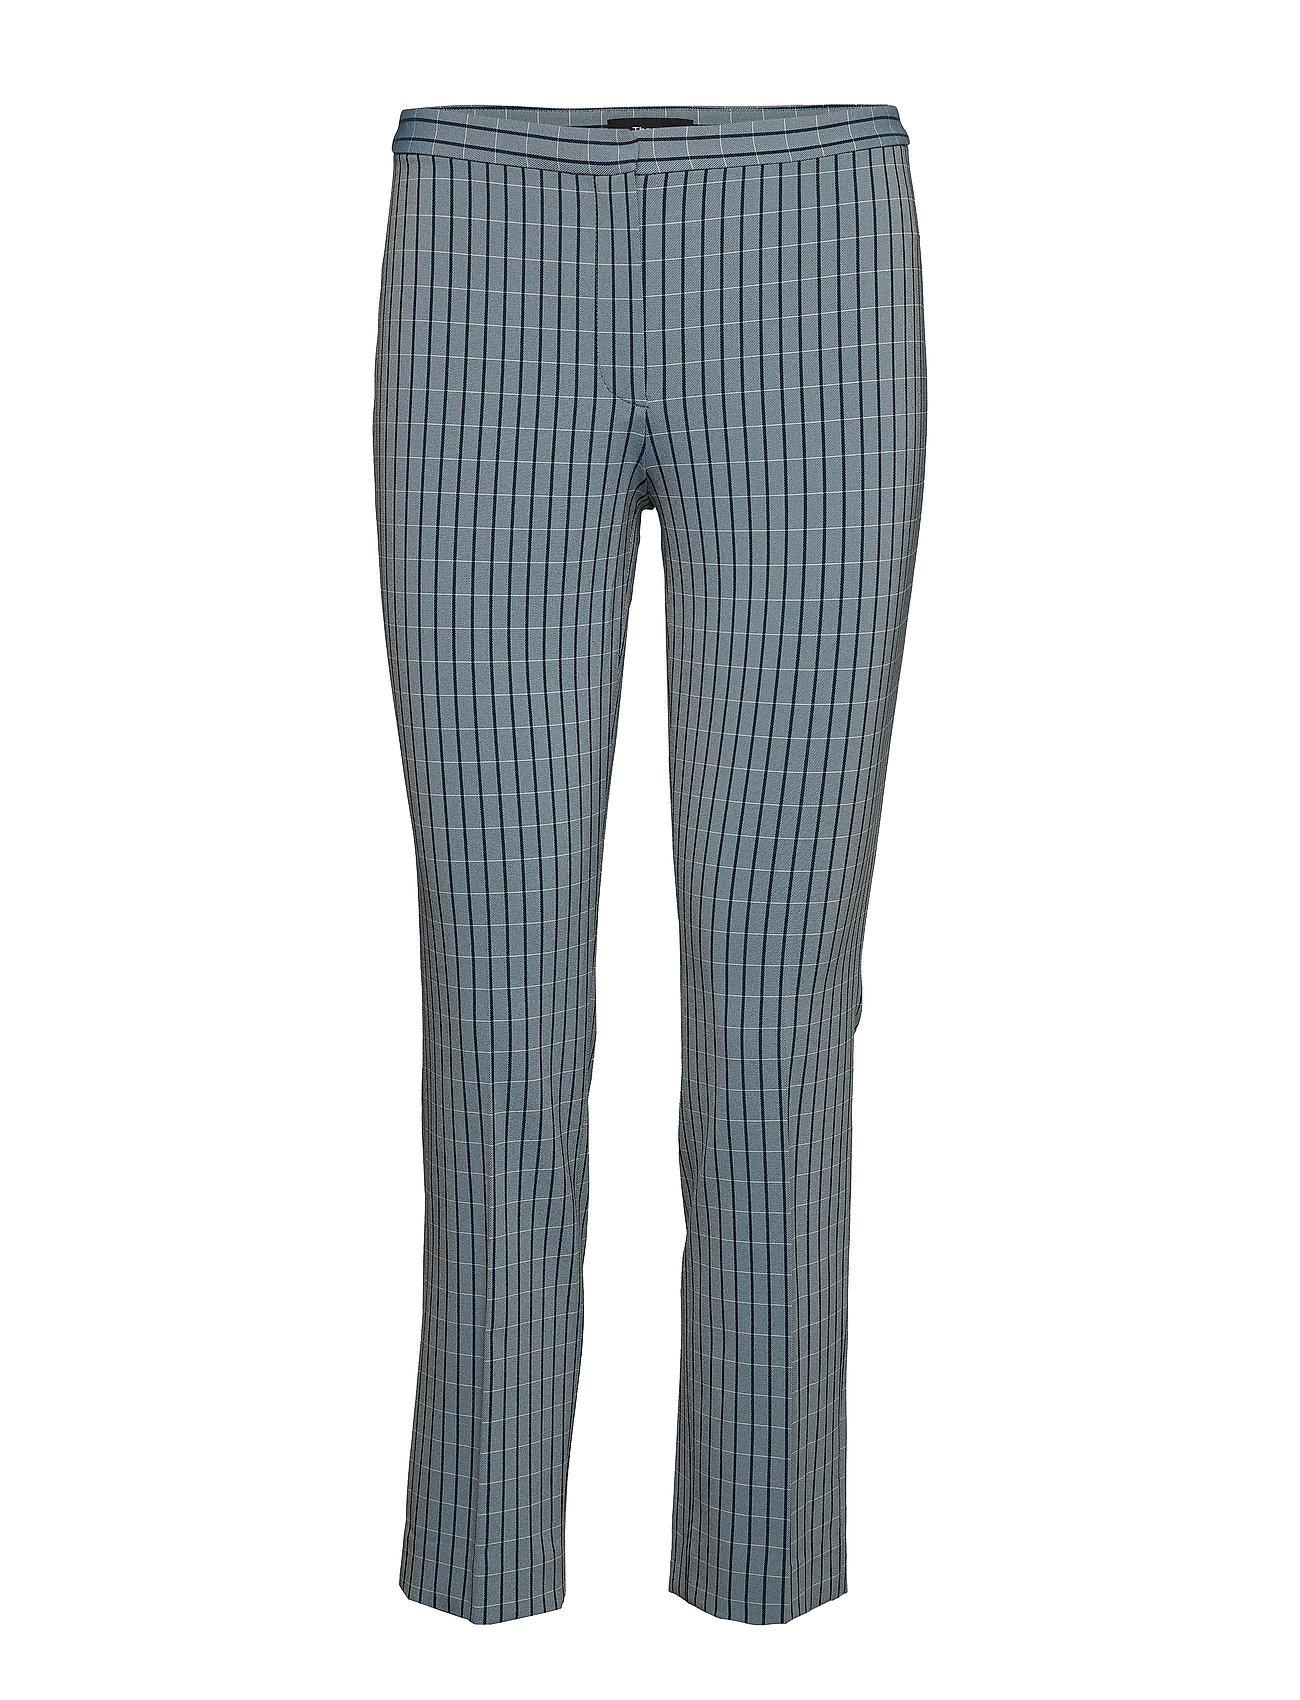 Image of Classic Skinny Pant3 Bukser Med Lige Ben Grå Theory (3160759665)